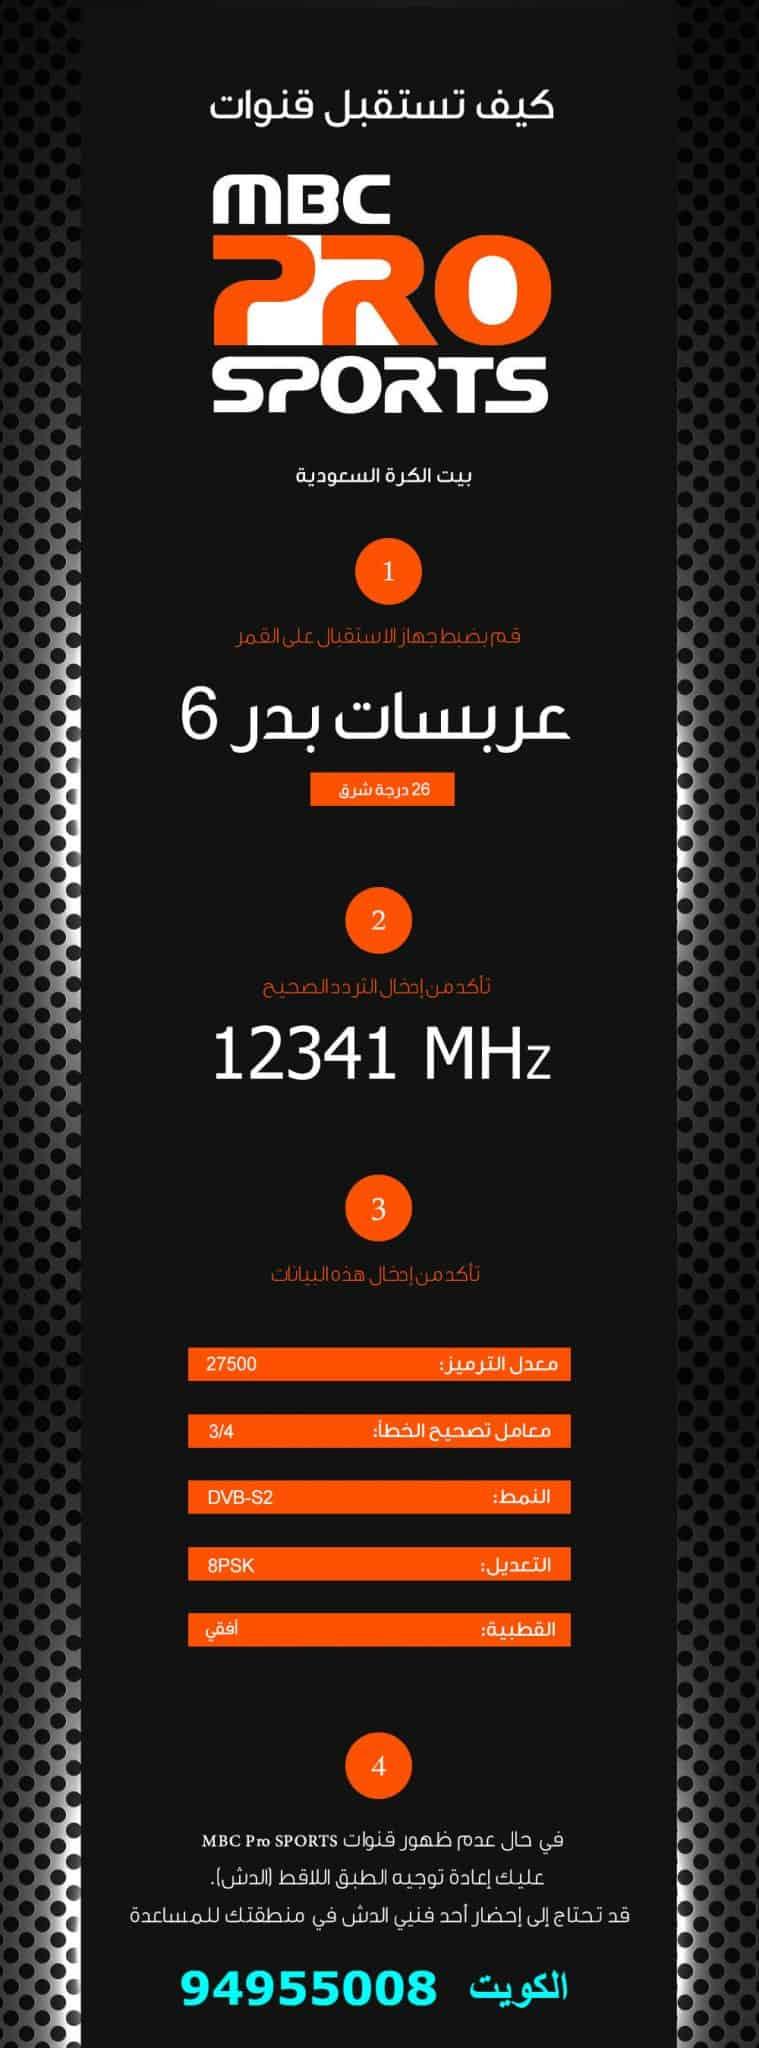 فني ستلايت جنوب الجهراء 94955008 خدمات ستلايت في الكويت